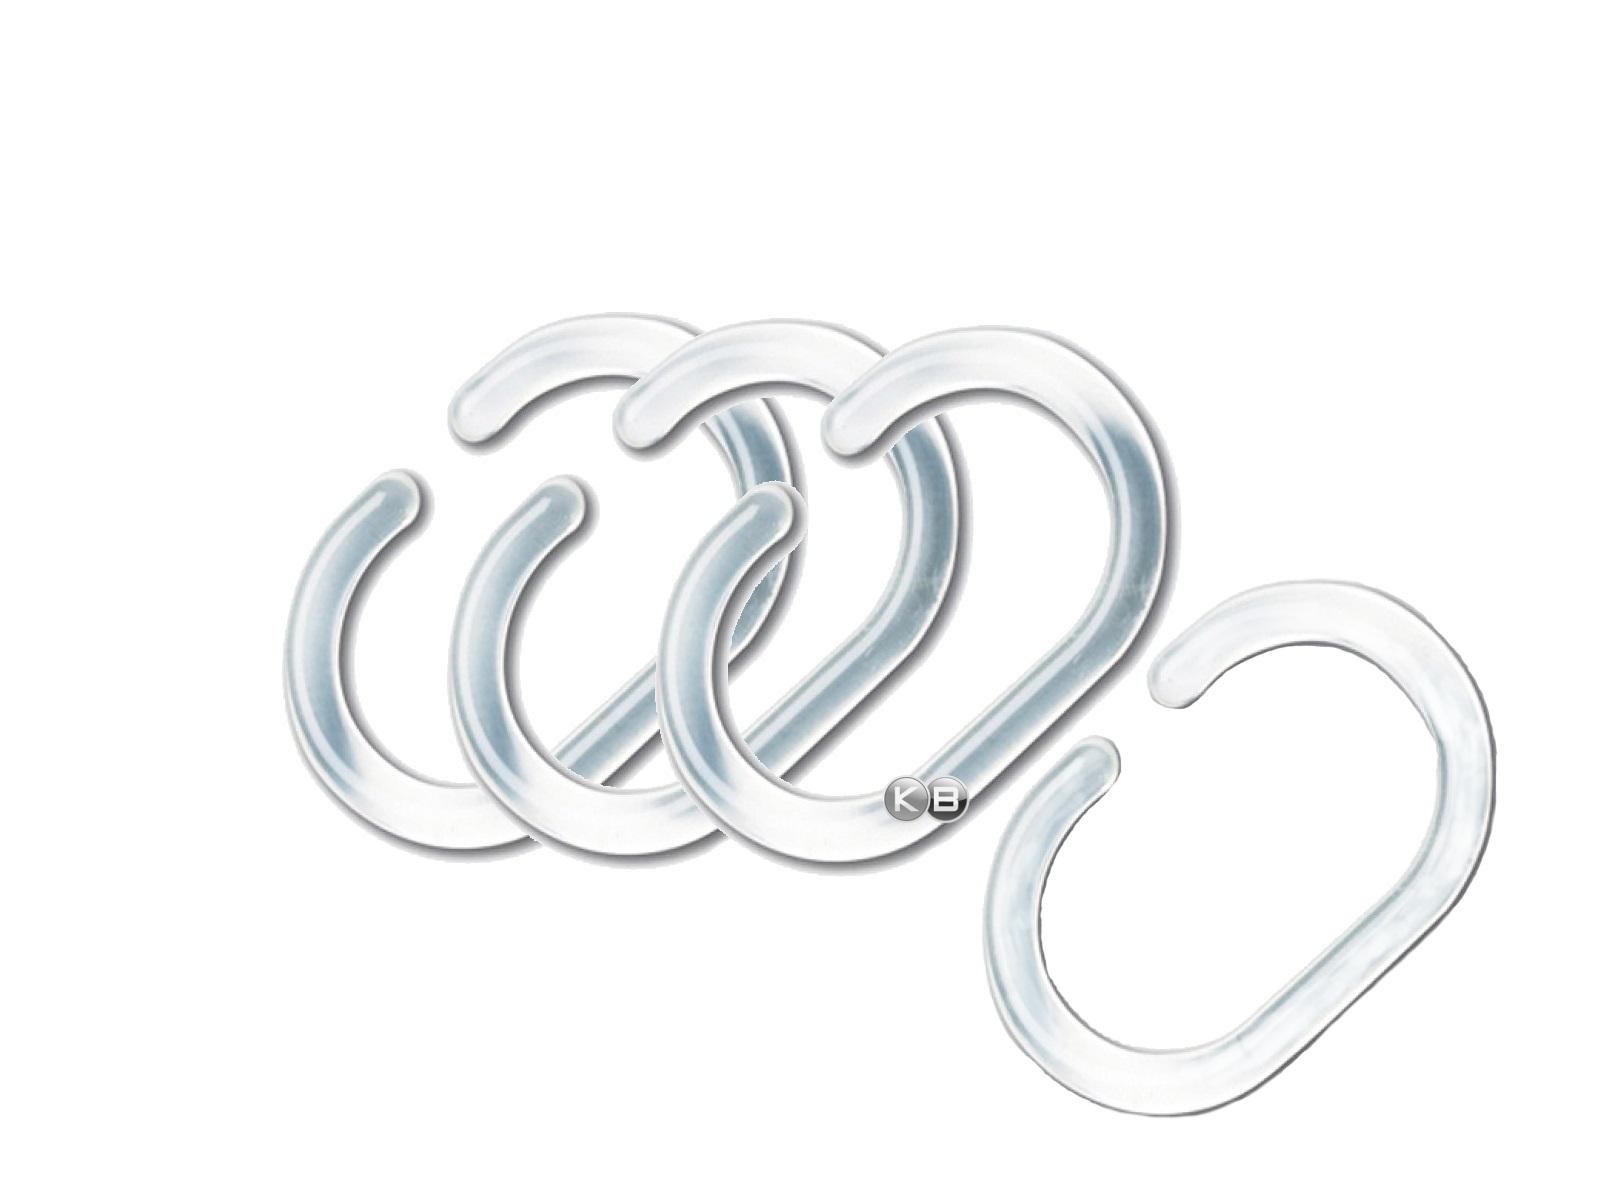 oval c ringe duschvorhangringe f r duschvorhang haken ring se transparent top ebay. Black Bedroom Furniture Sets. Home Design Ideas